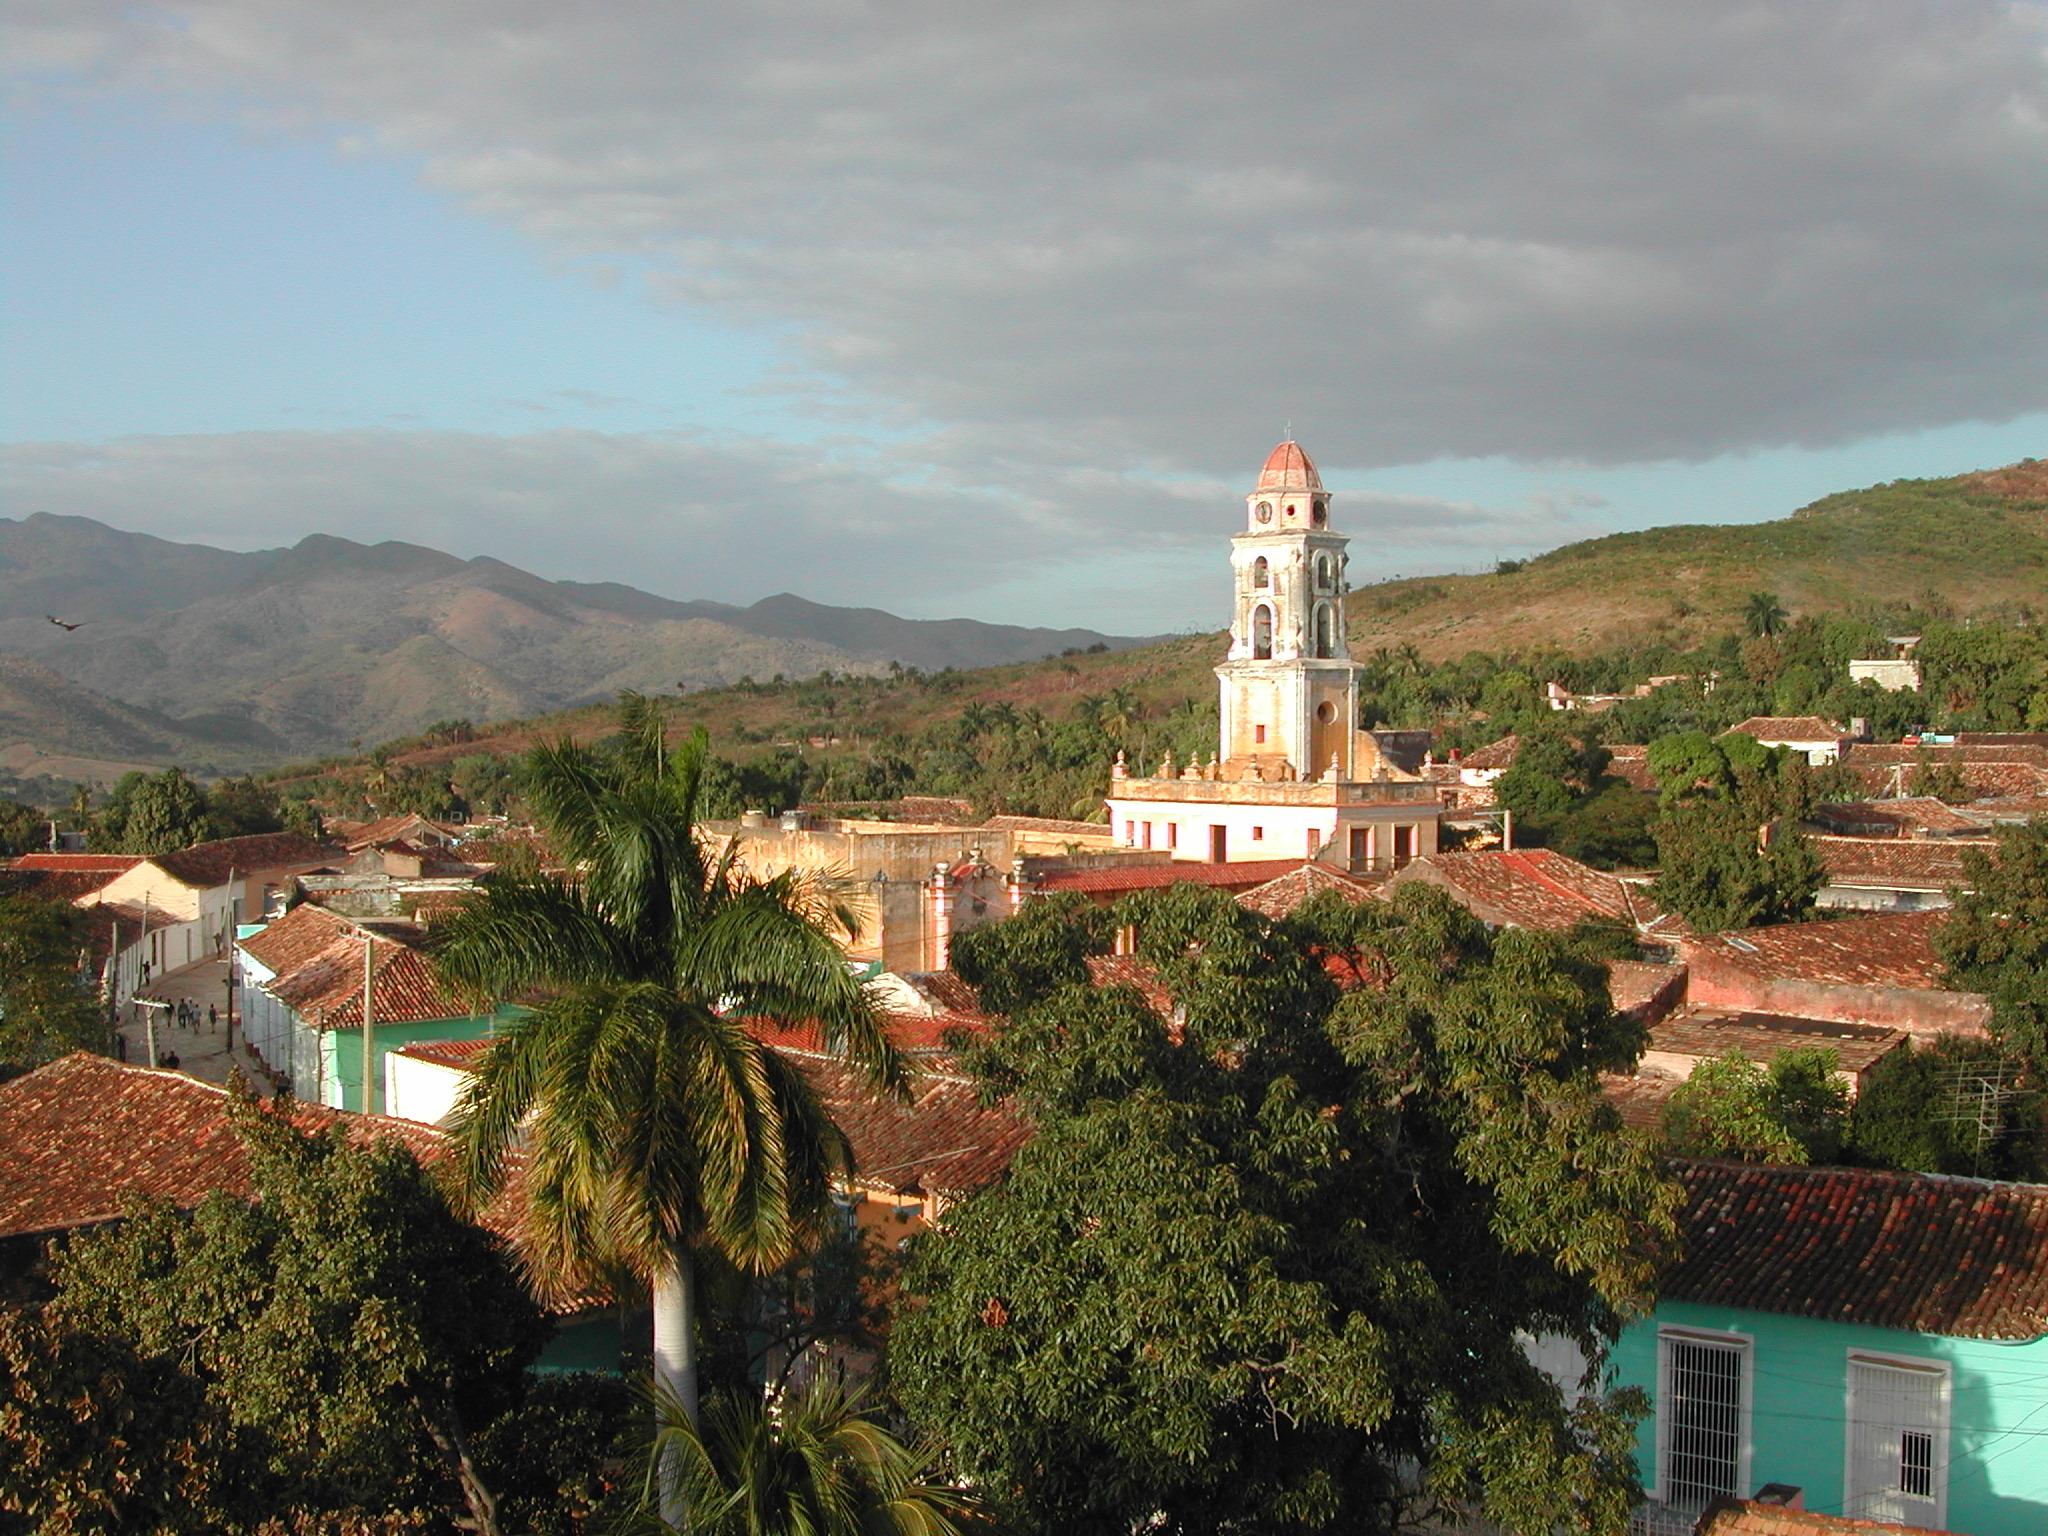 Amerikanischer Kühlschrank Wiki : Urlaub auf kuba: musik rum zigarren und spanische kolonialbauten